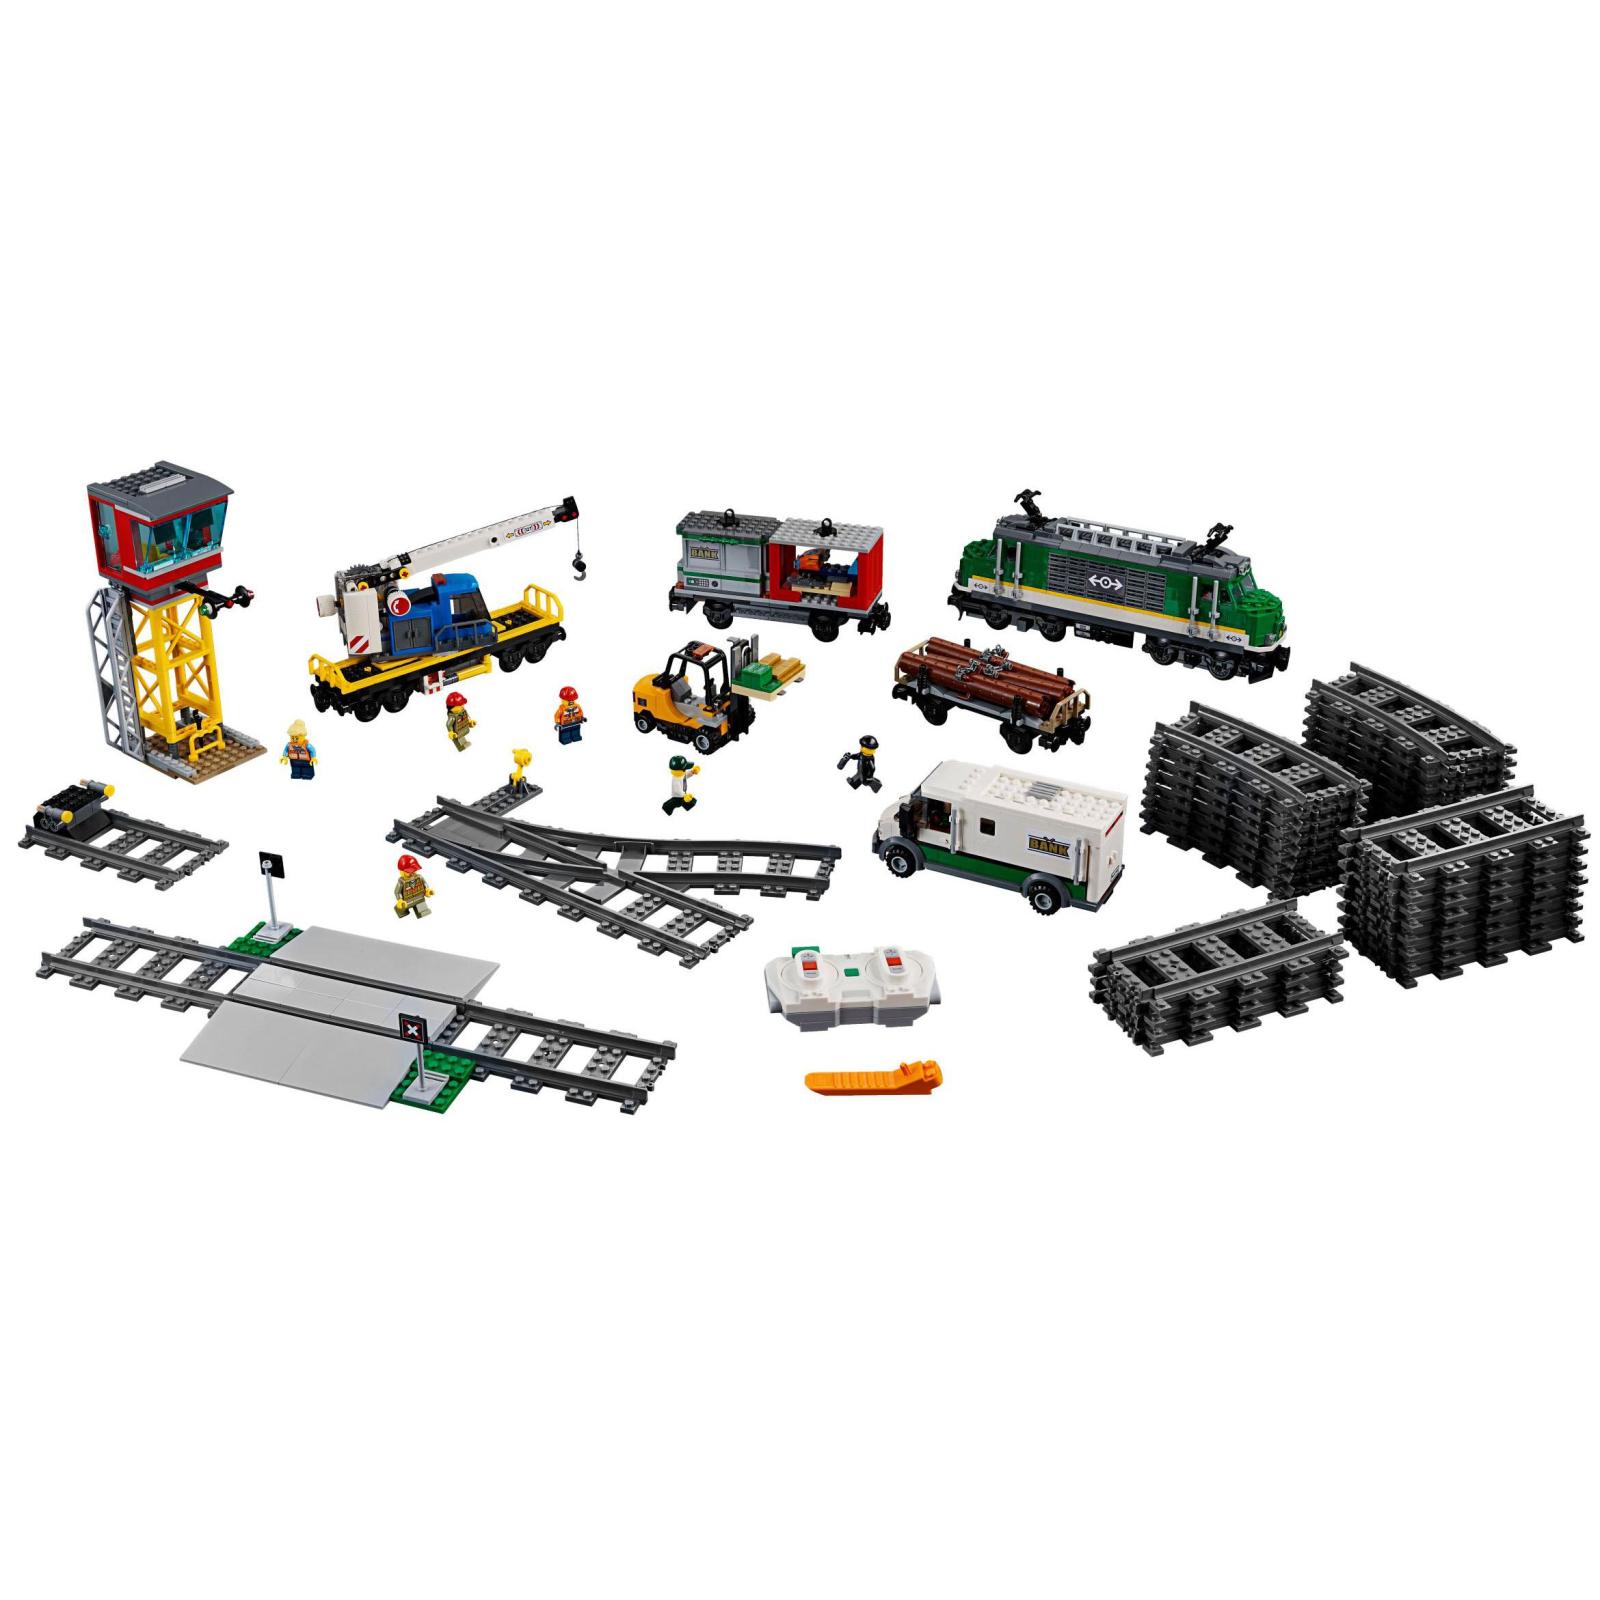 Конструктор LEGO CITY Грузовой поезд (60198) изображение 3